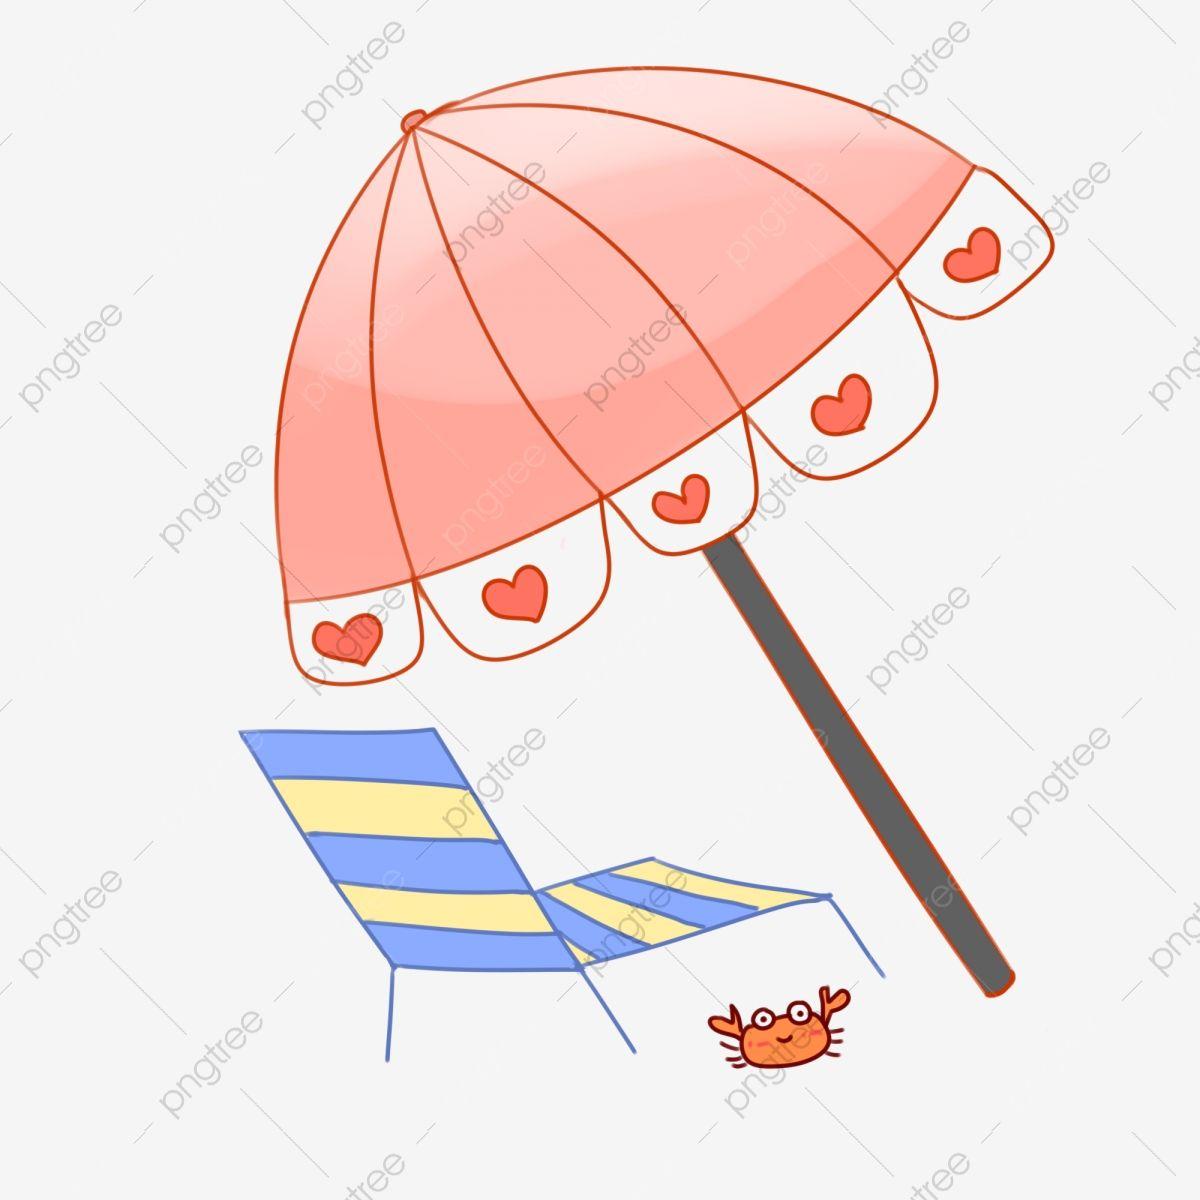 A Orillas Del Mar Ocio Paraguas De Sol Sillon Ocio Playa Sombrilla A Orillas Del Mar Png Y Psd Para Descargar Gratis Pngtree Paraguas Orilla Del Mar Papel De Dibujo